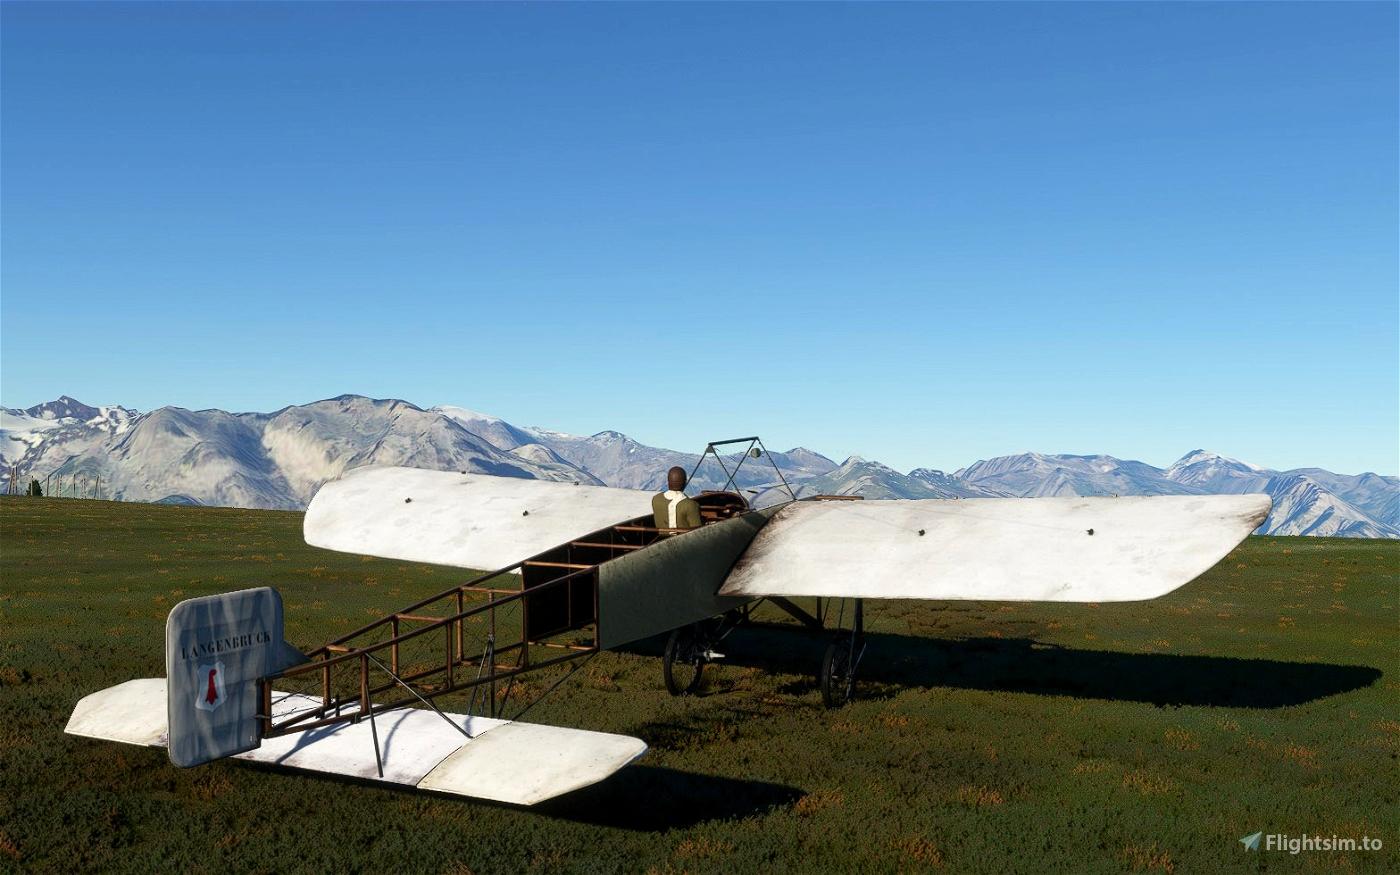 Bleriot XI 'Langenbruck' livery flown by Oskar Bider